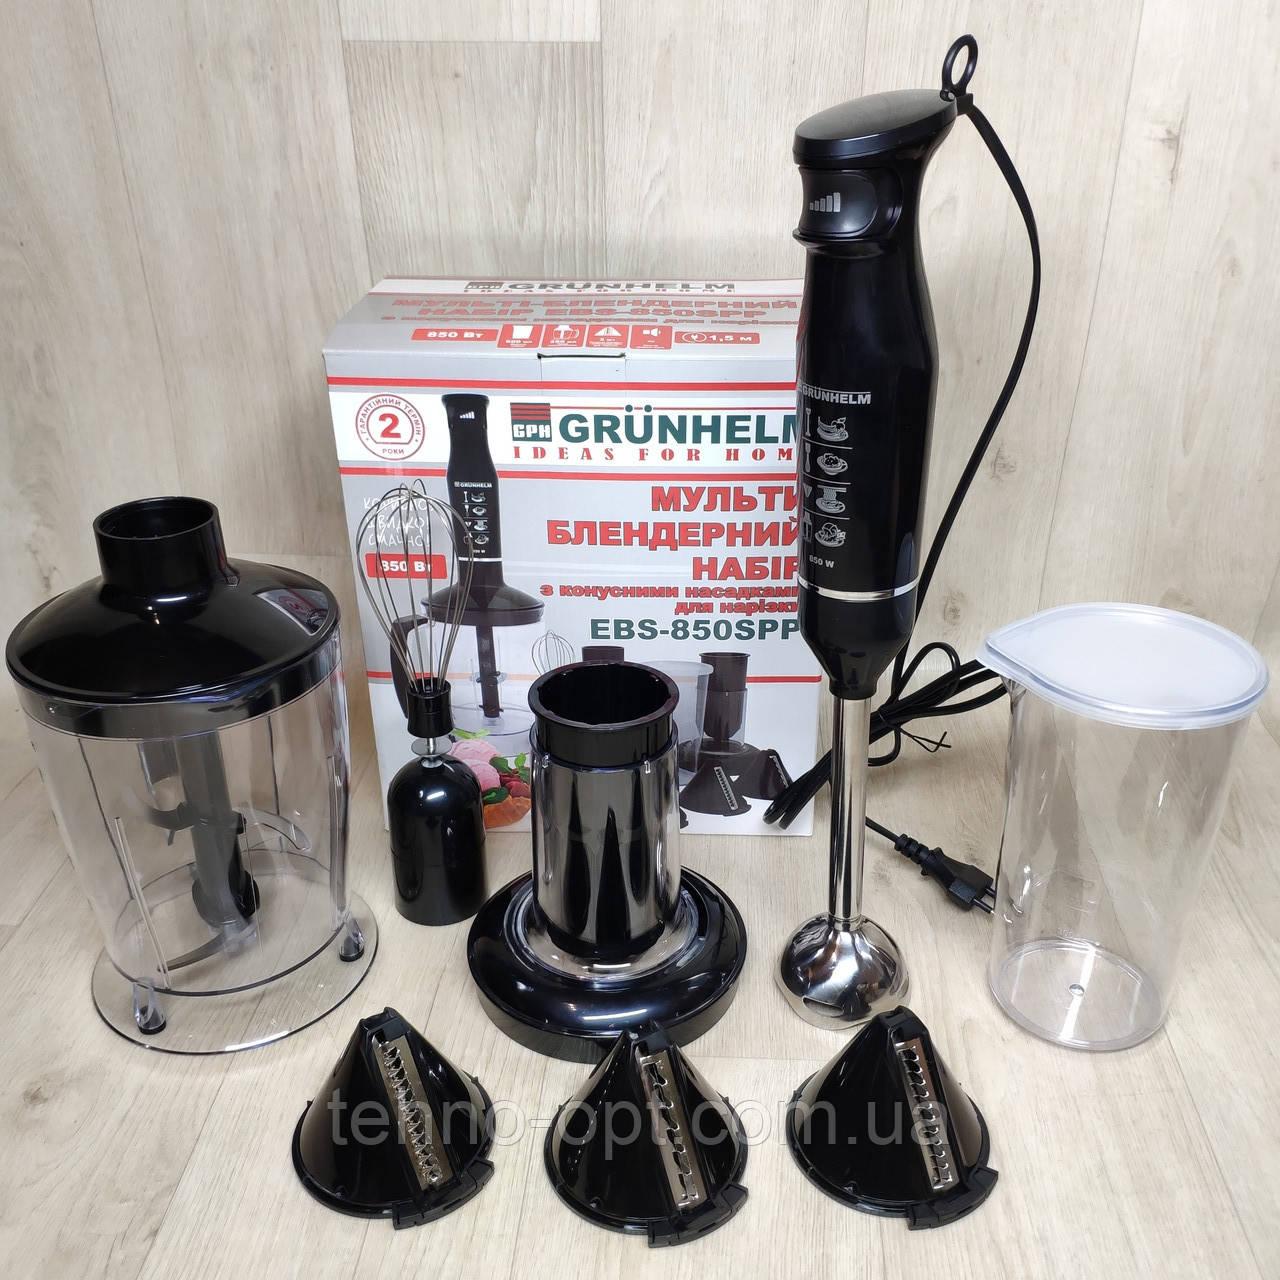 Блендер Grunhelm EBS-850SPP